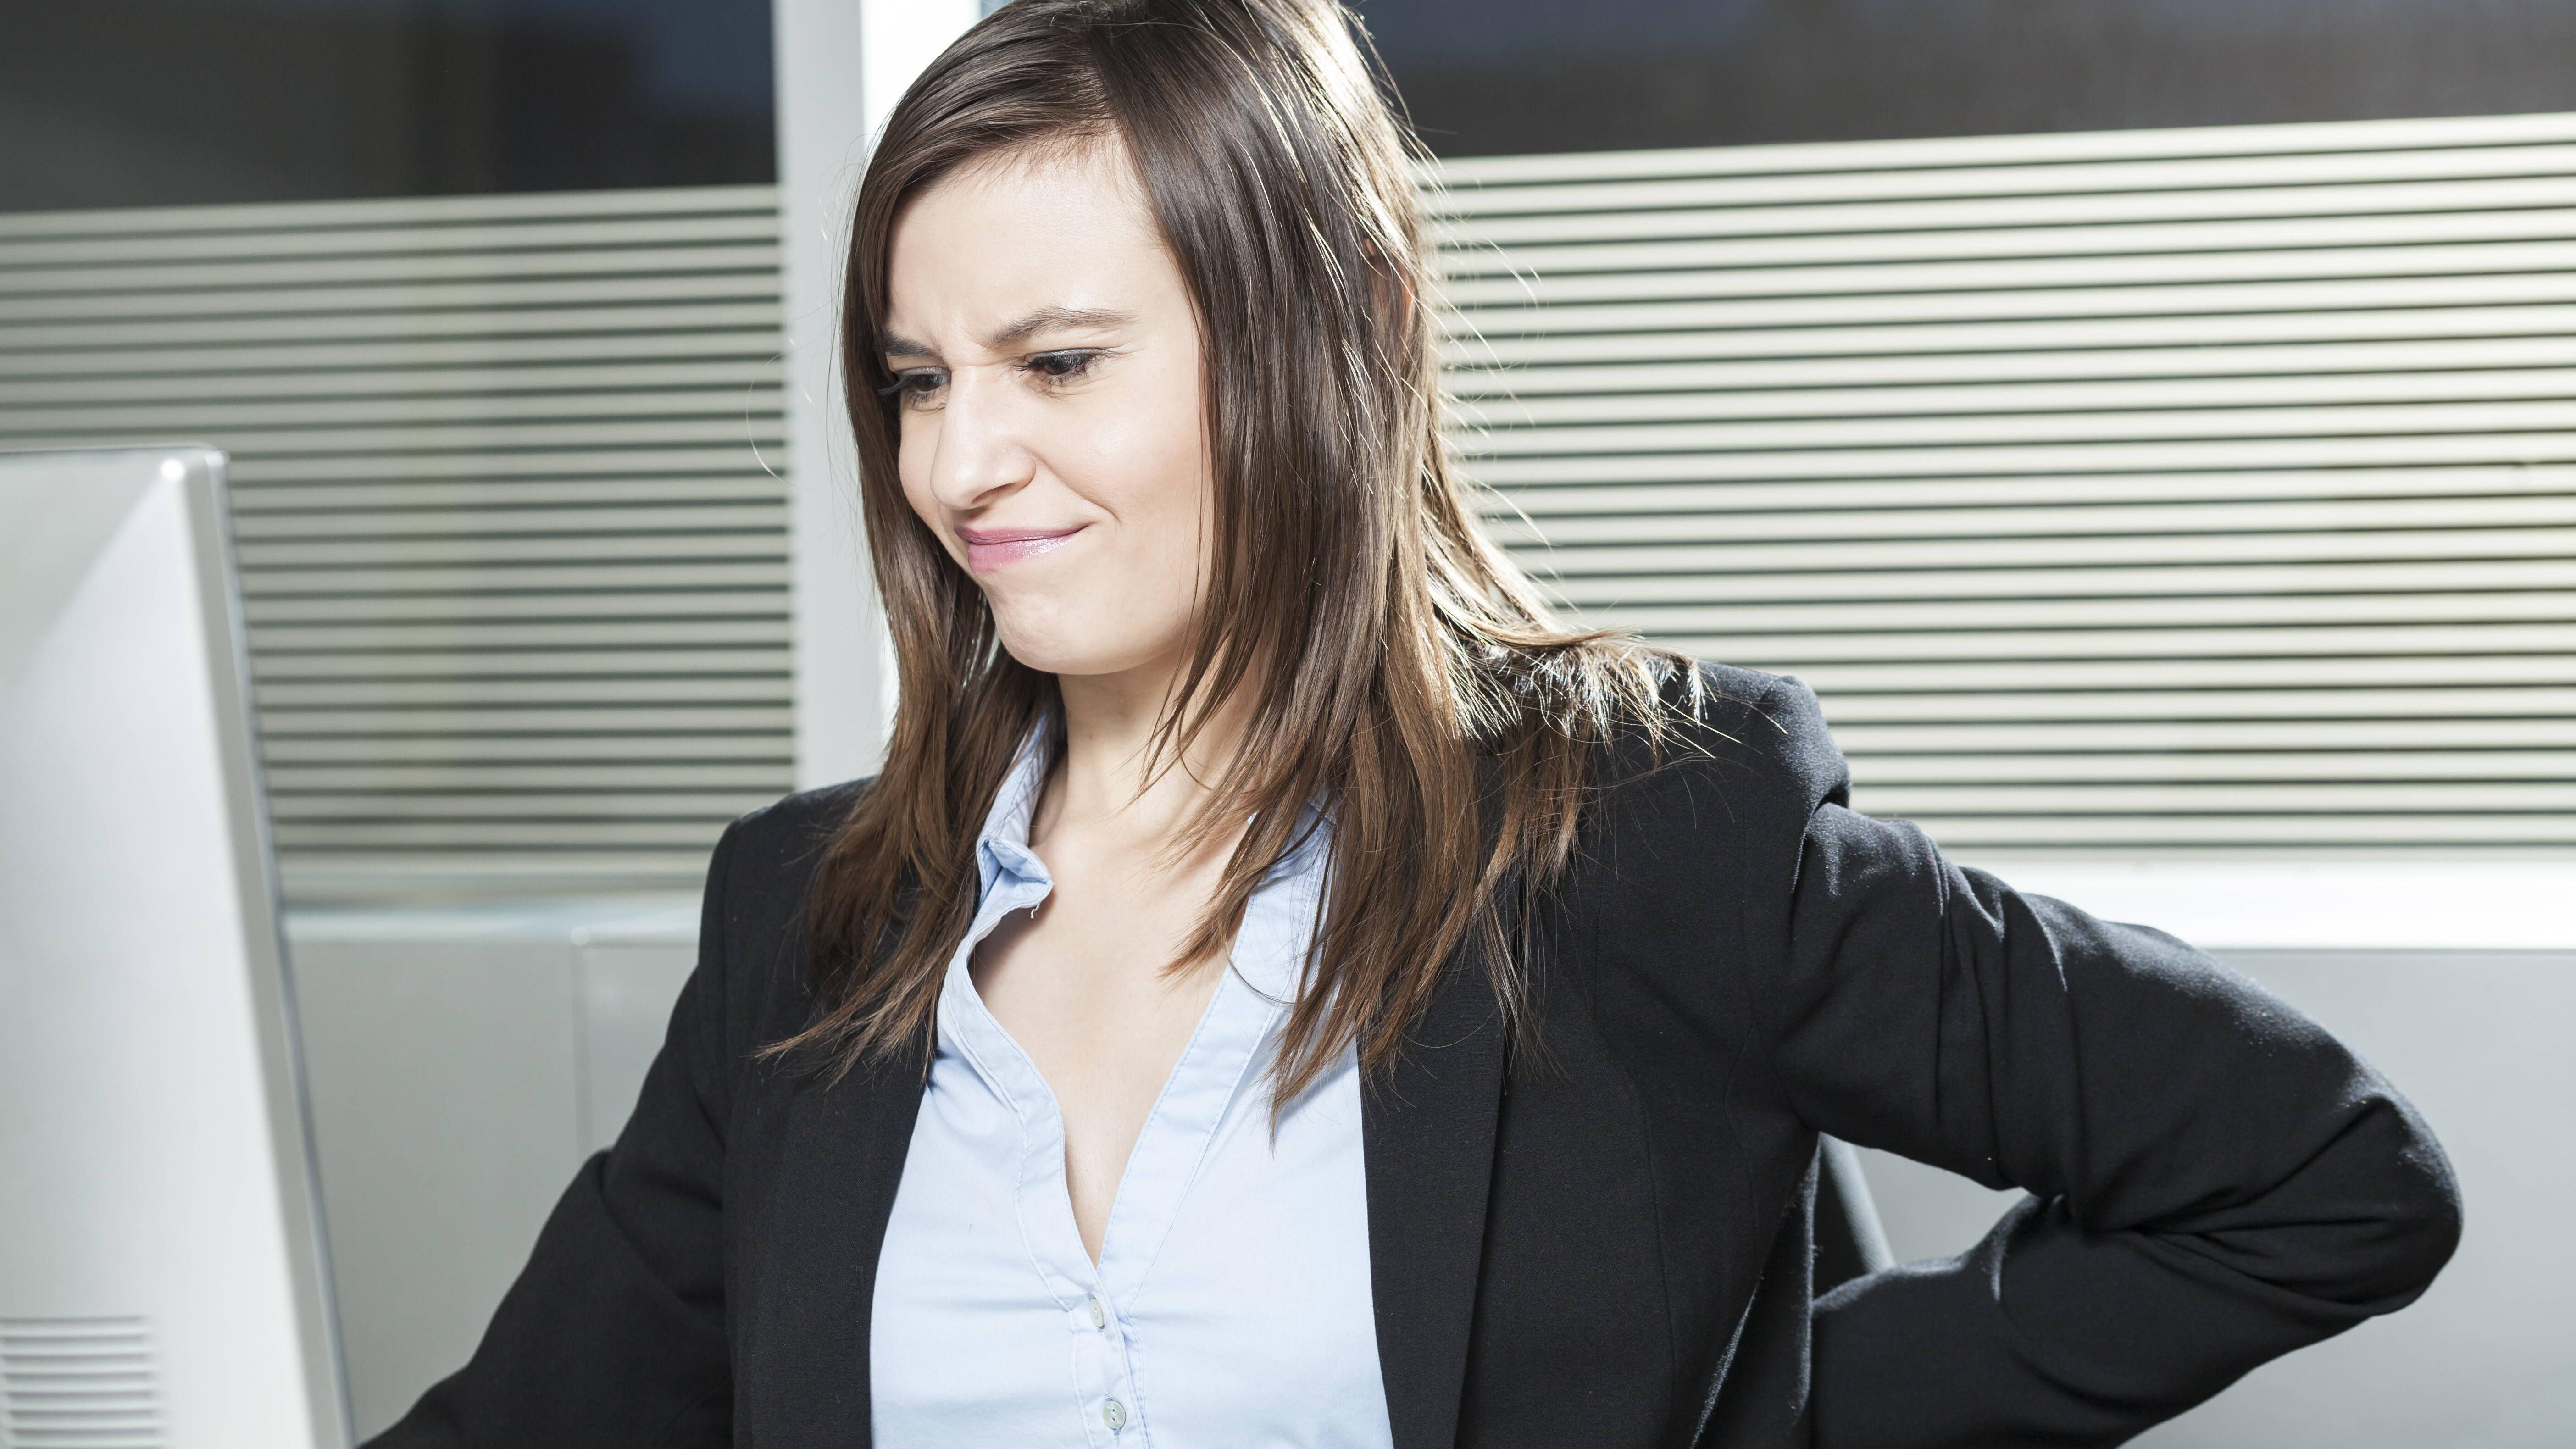 Rücken verhoben: 3 wichtige Tipps für die Akut-Selbsthilfe